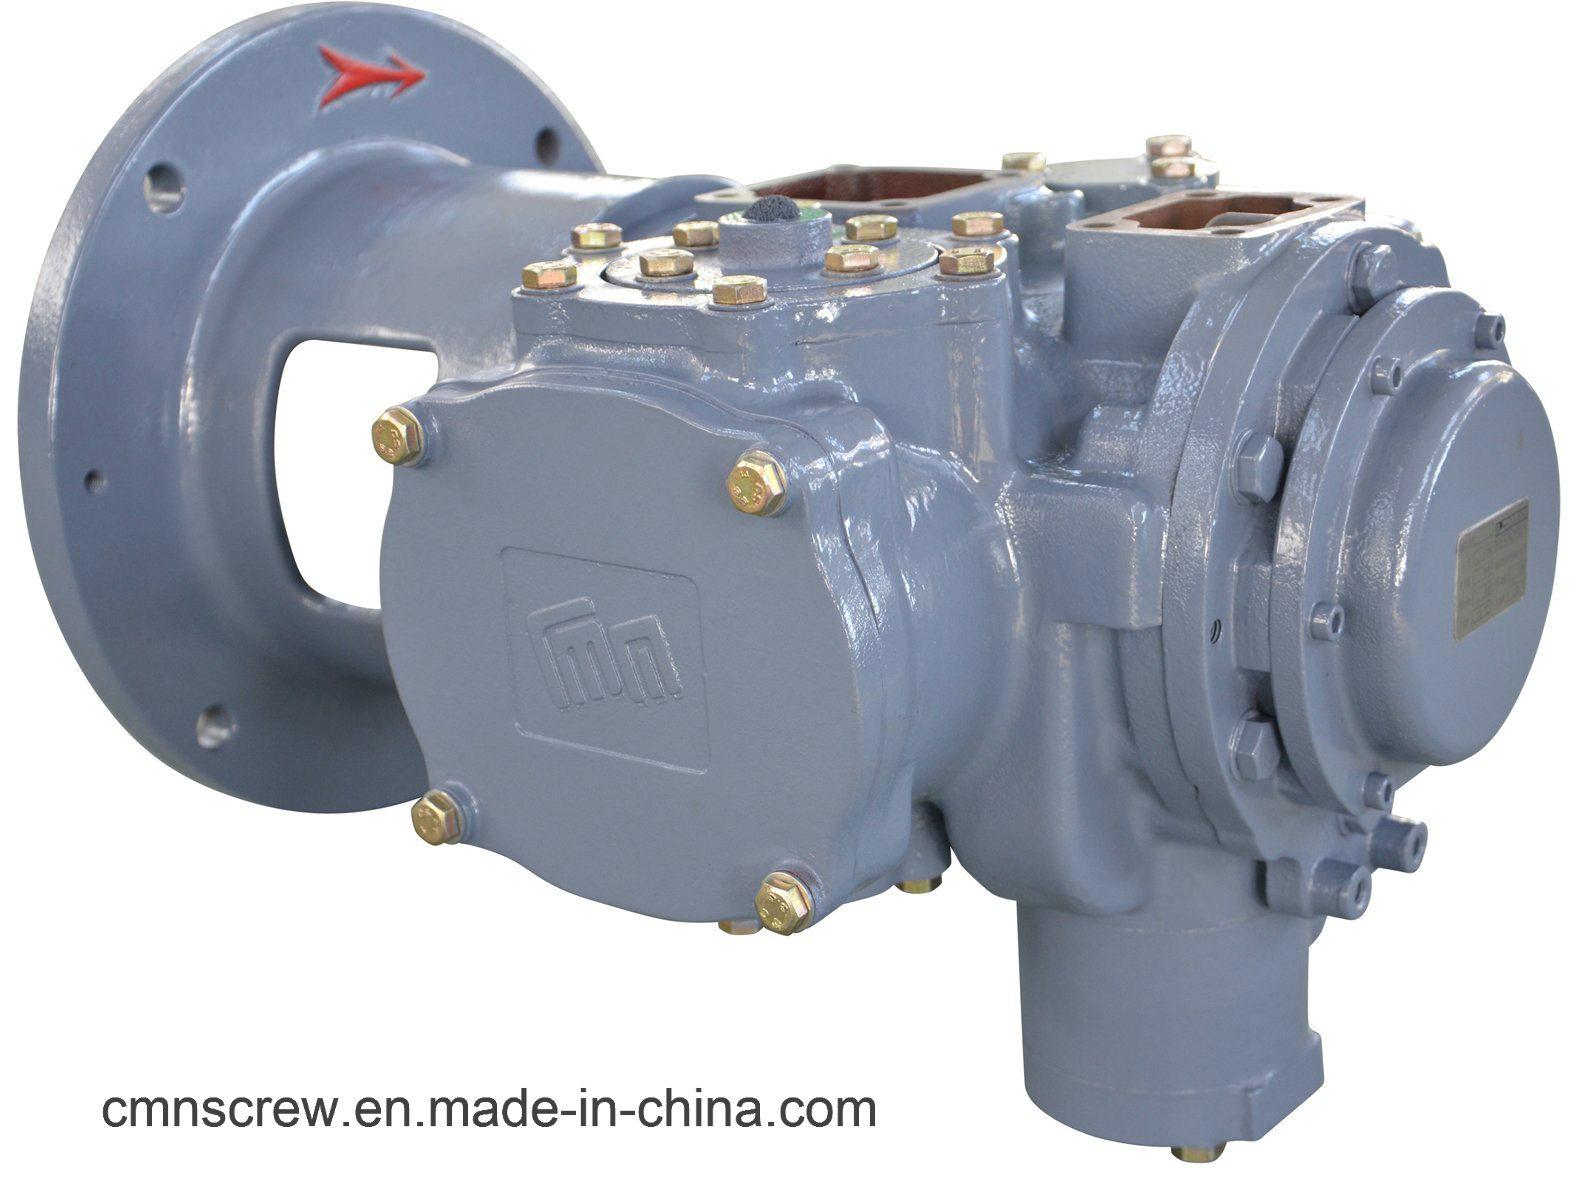 Screw Air Compressor (CMN110AV)